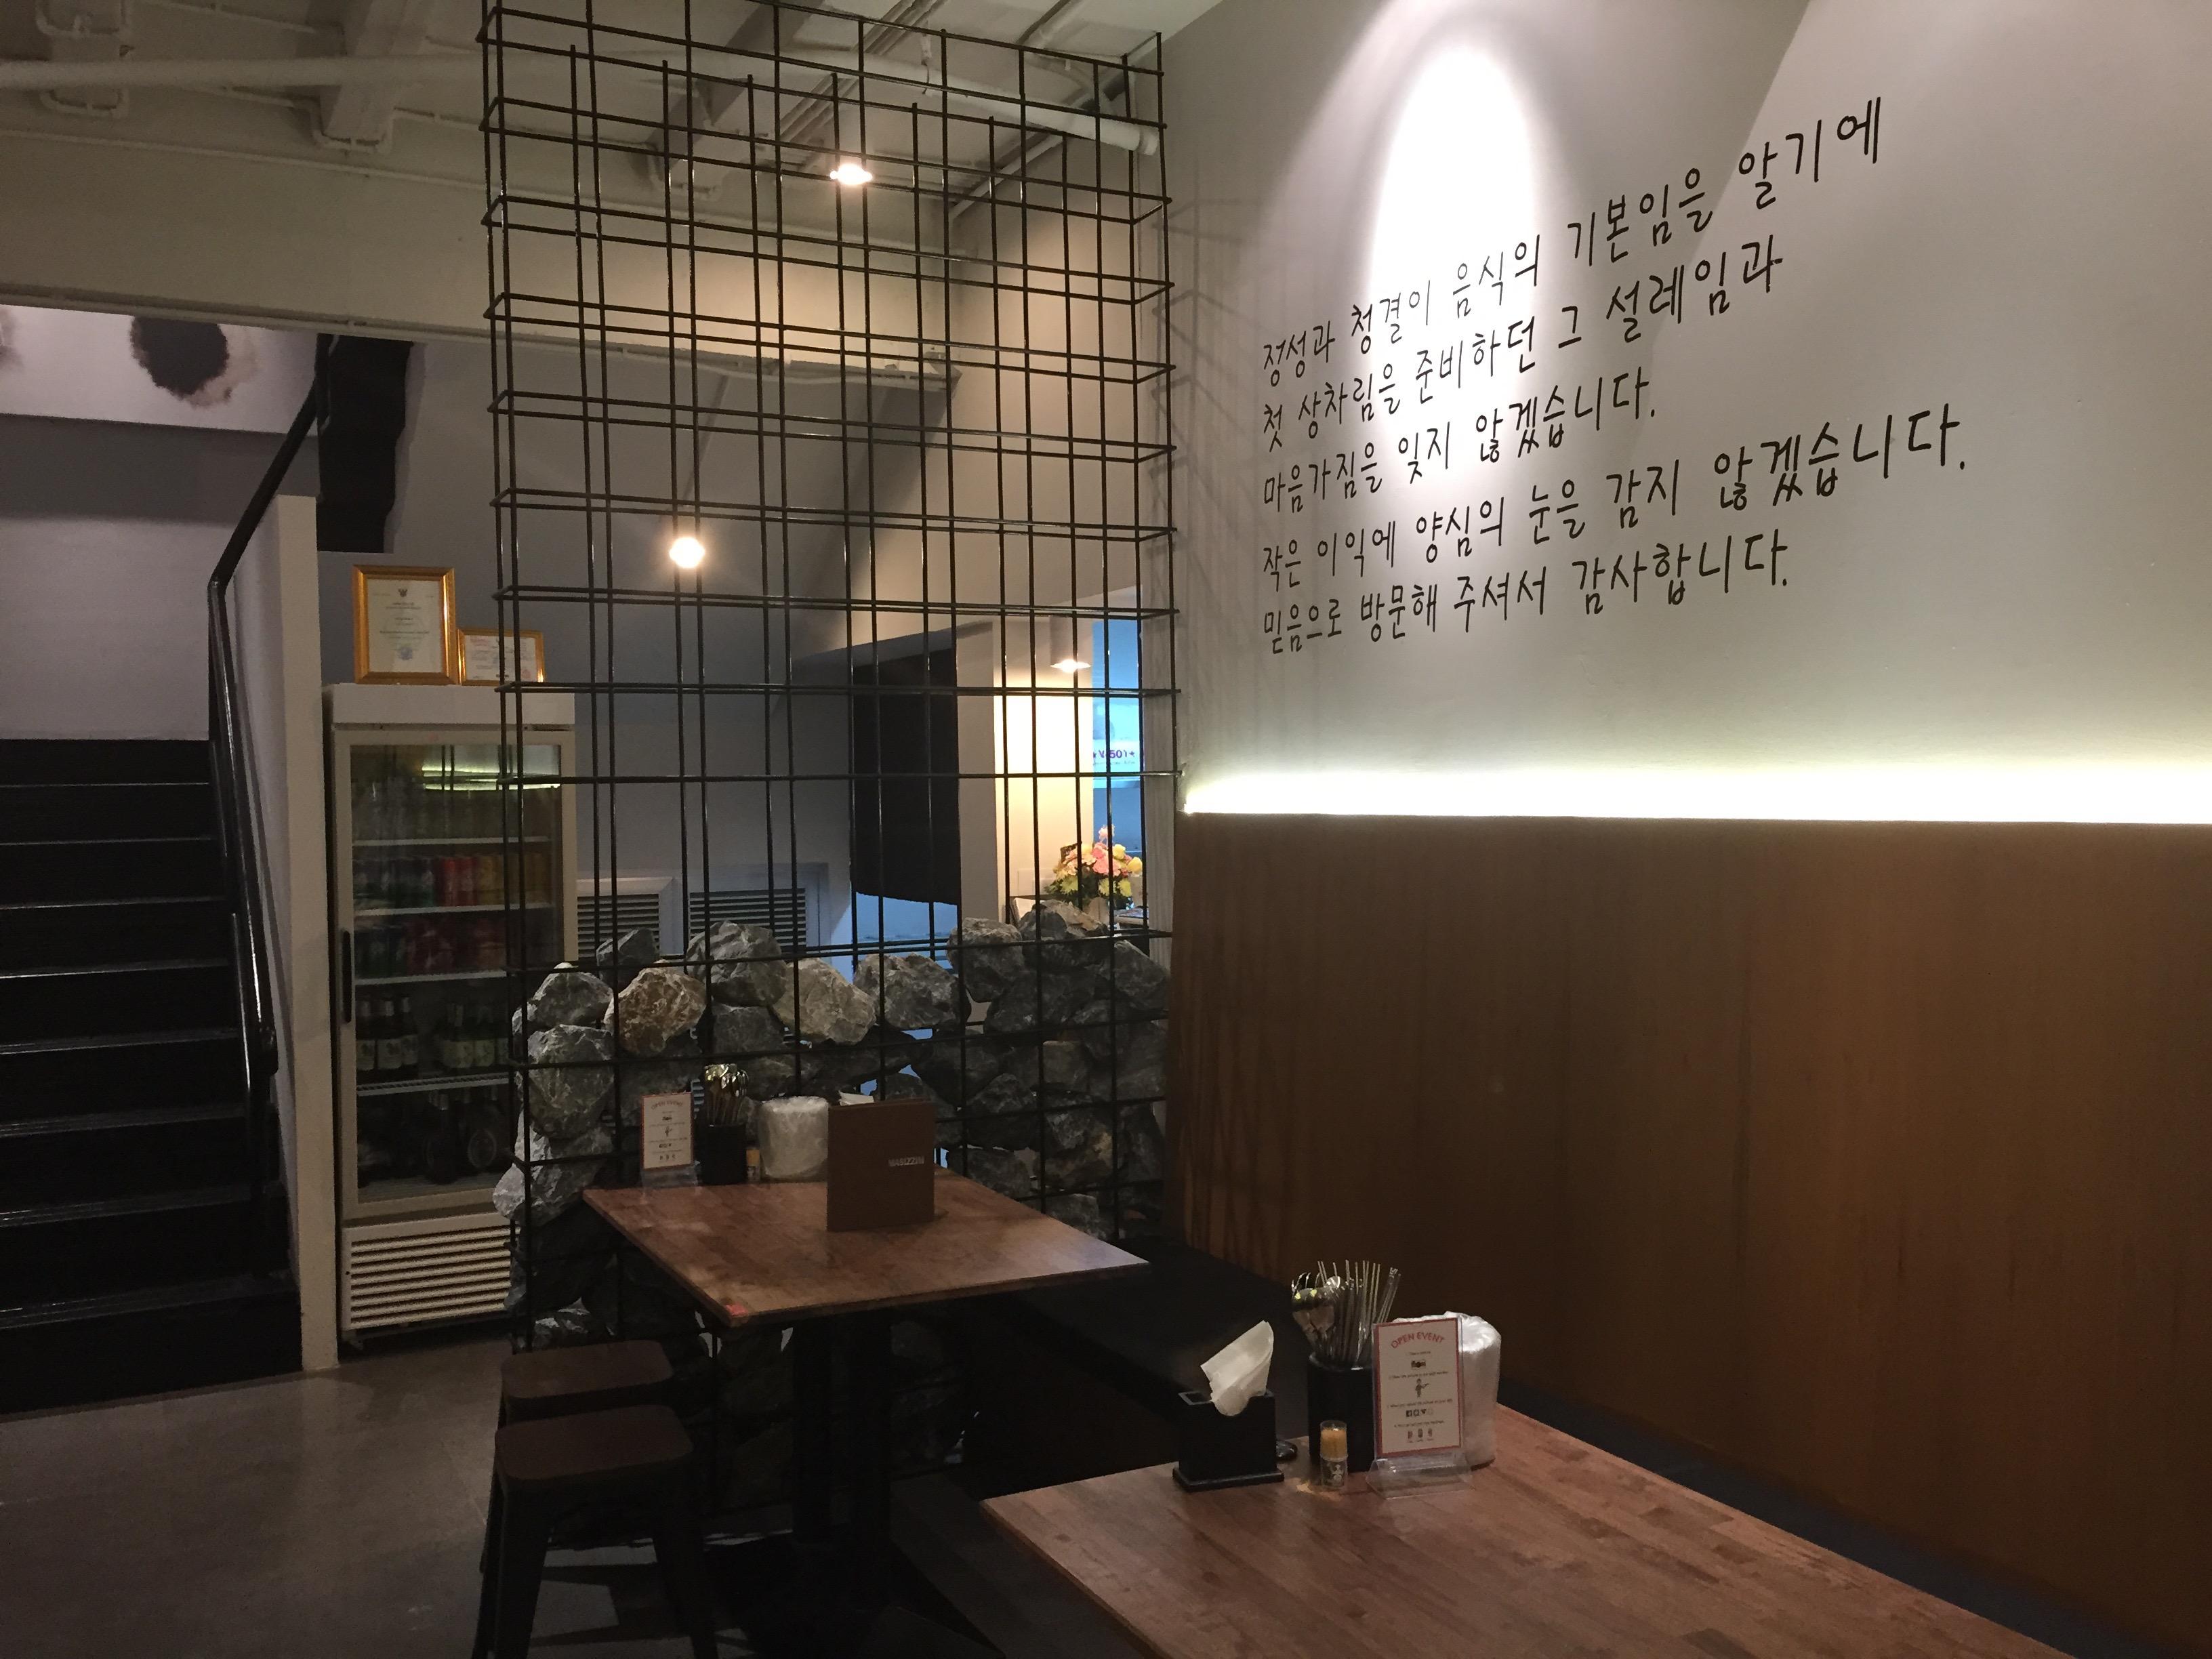 ตกแต่งภายในร้านอาหารเกาหลีMasiszzim